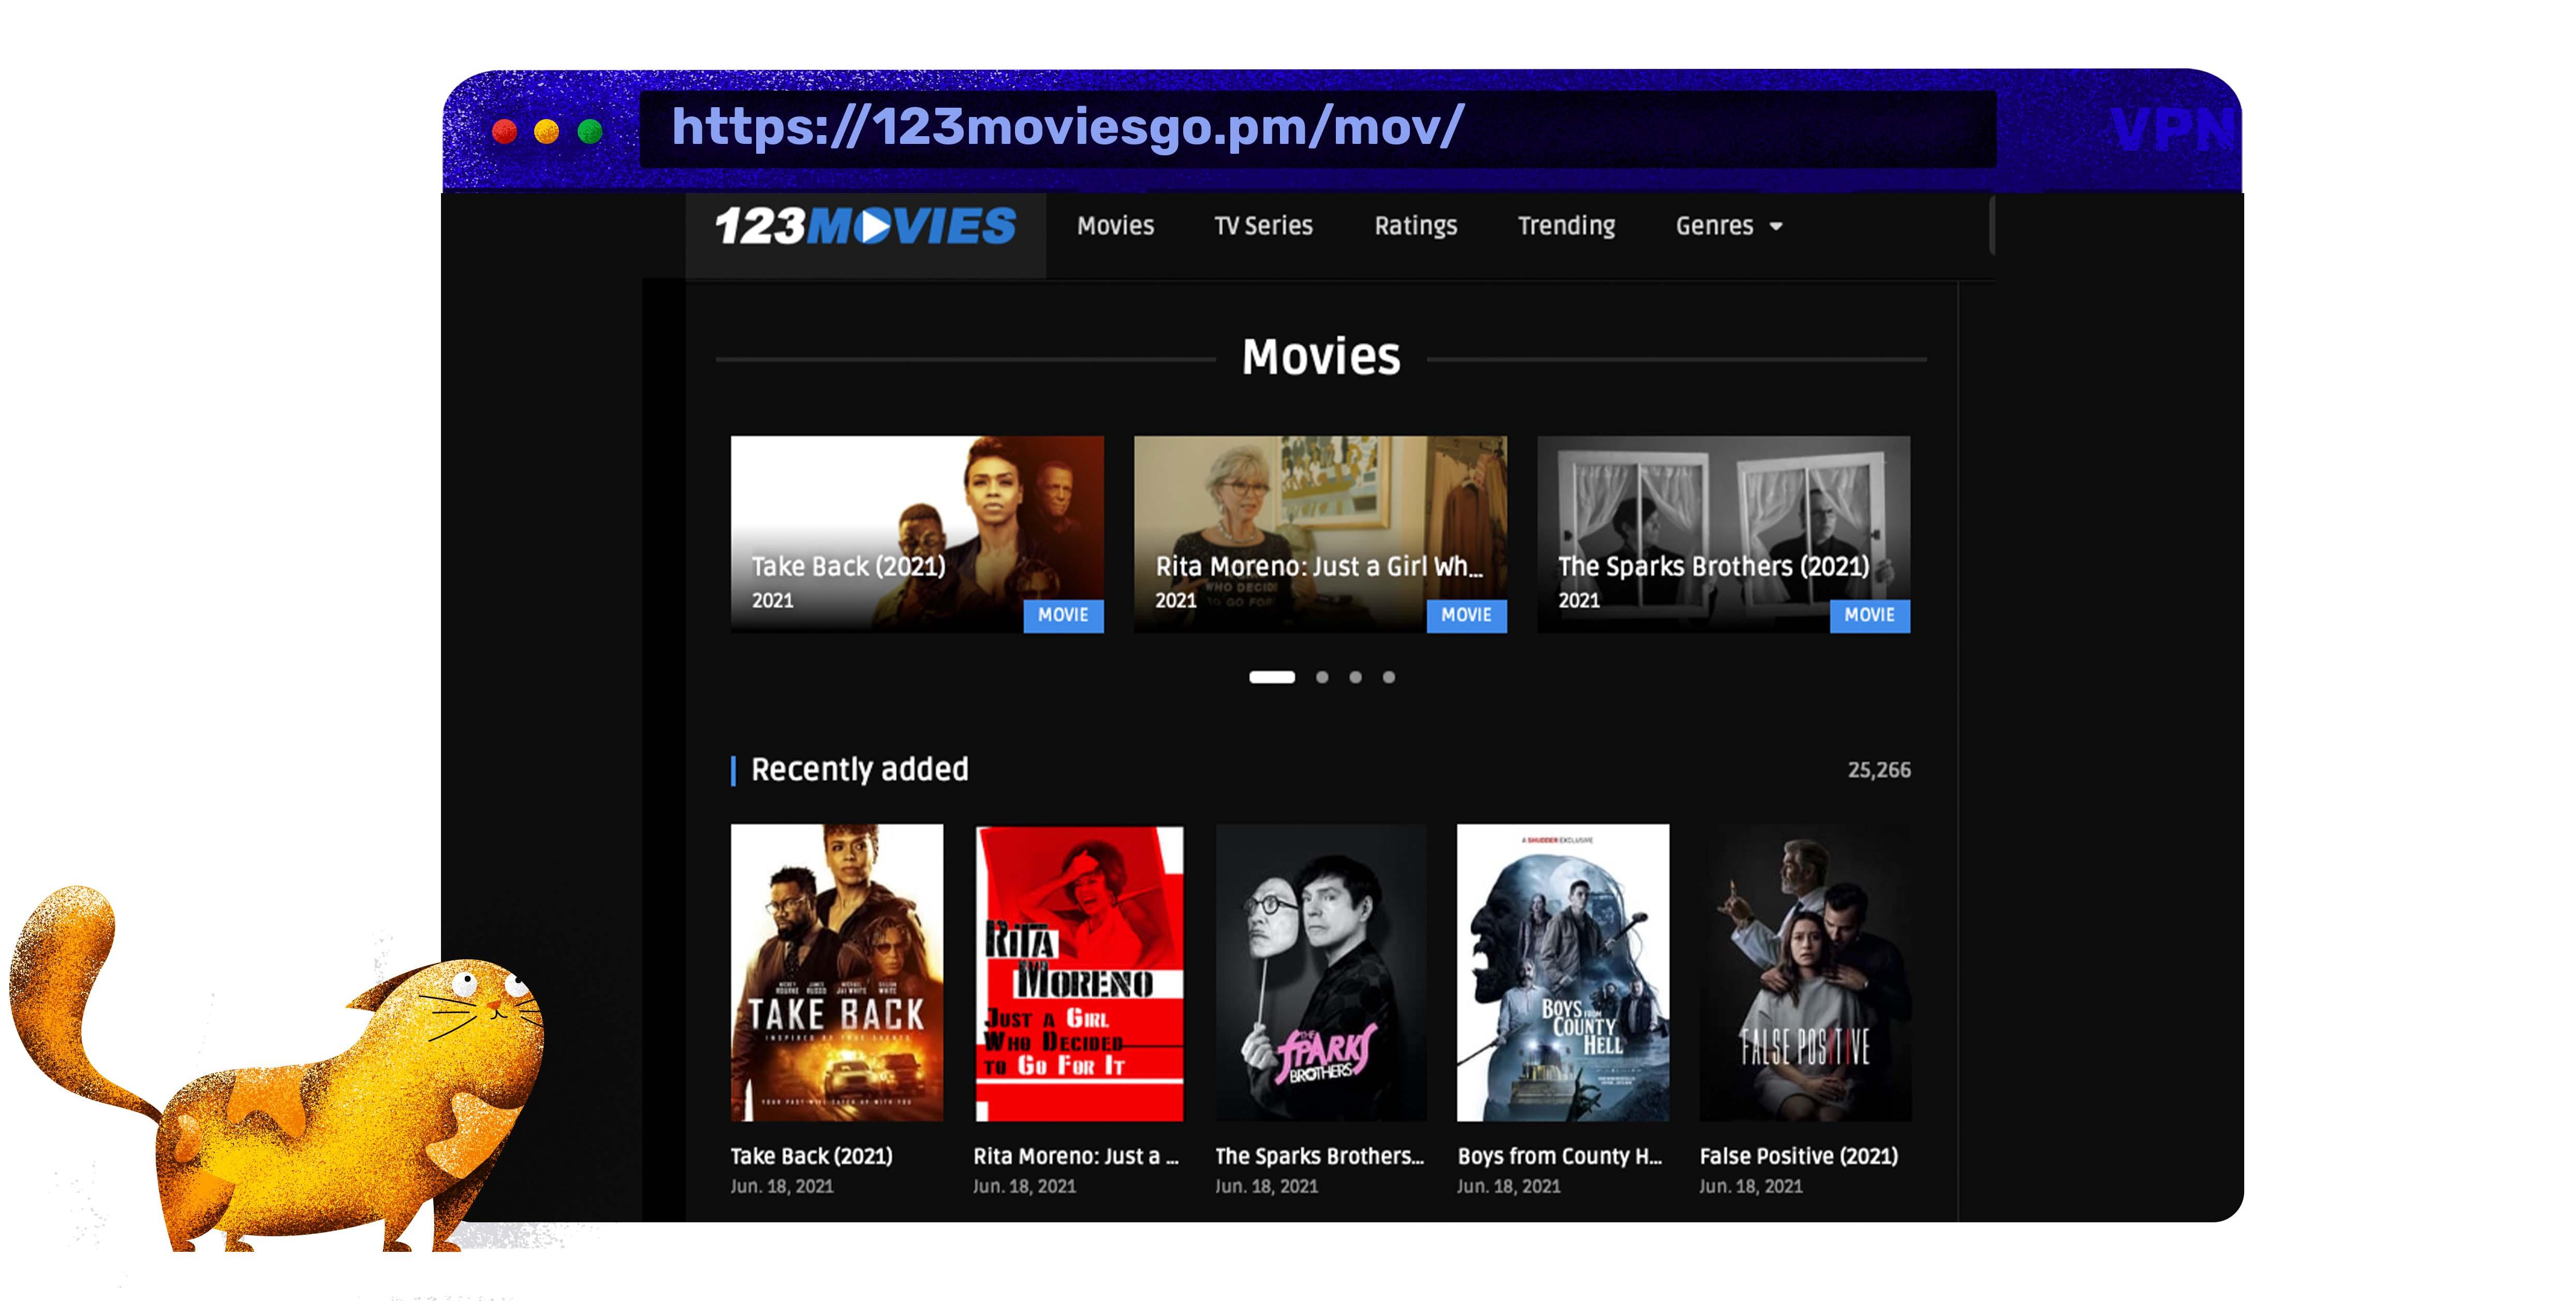 Használja 123movies mint egy putlocker alternatívát stream filmek és TV sorozatok